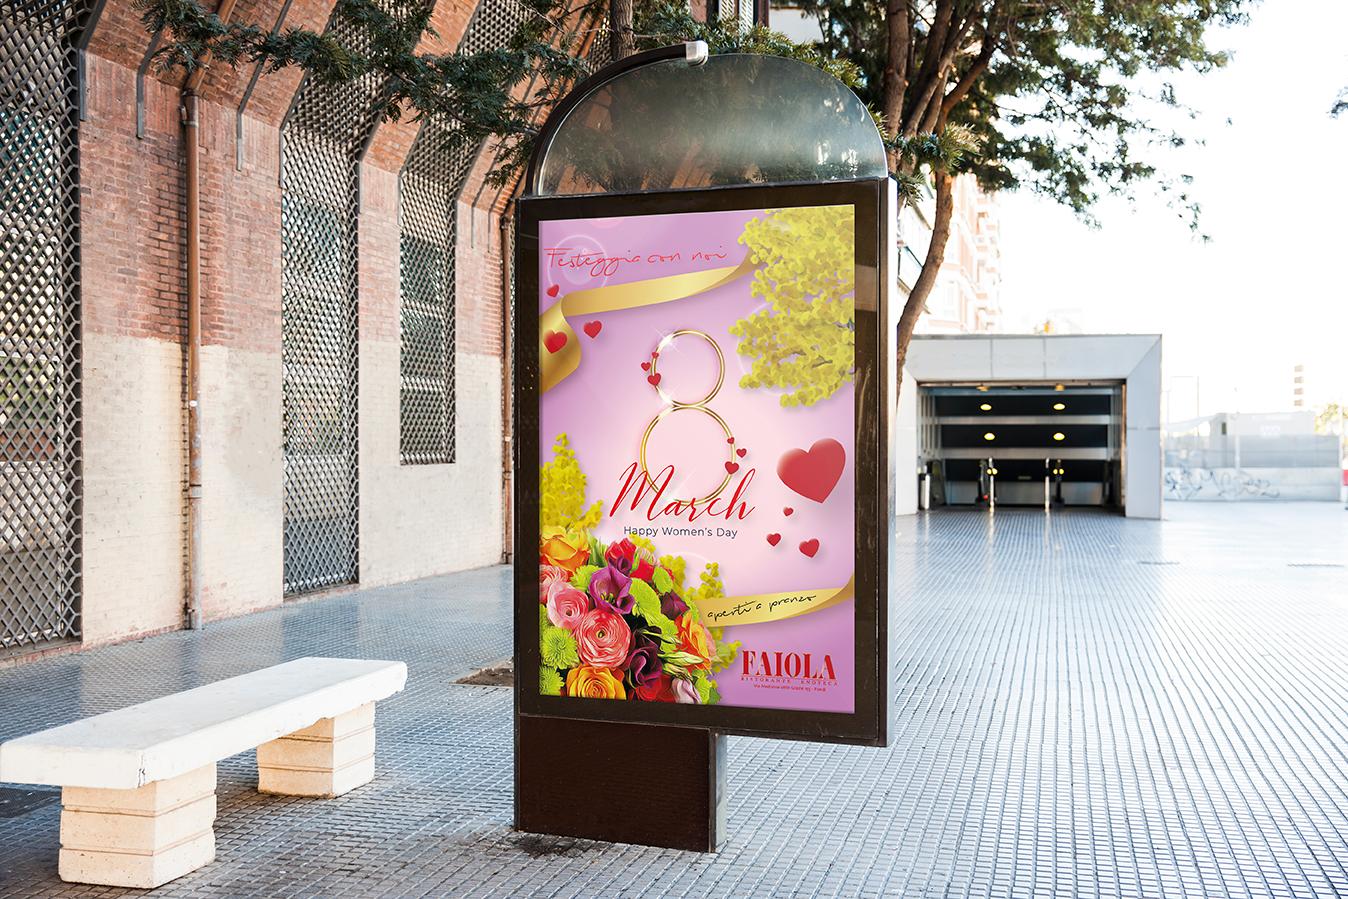 Poster metro ingresso - 8 marzo 2020